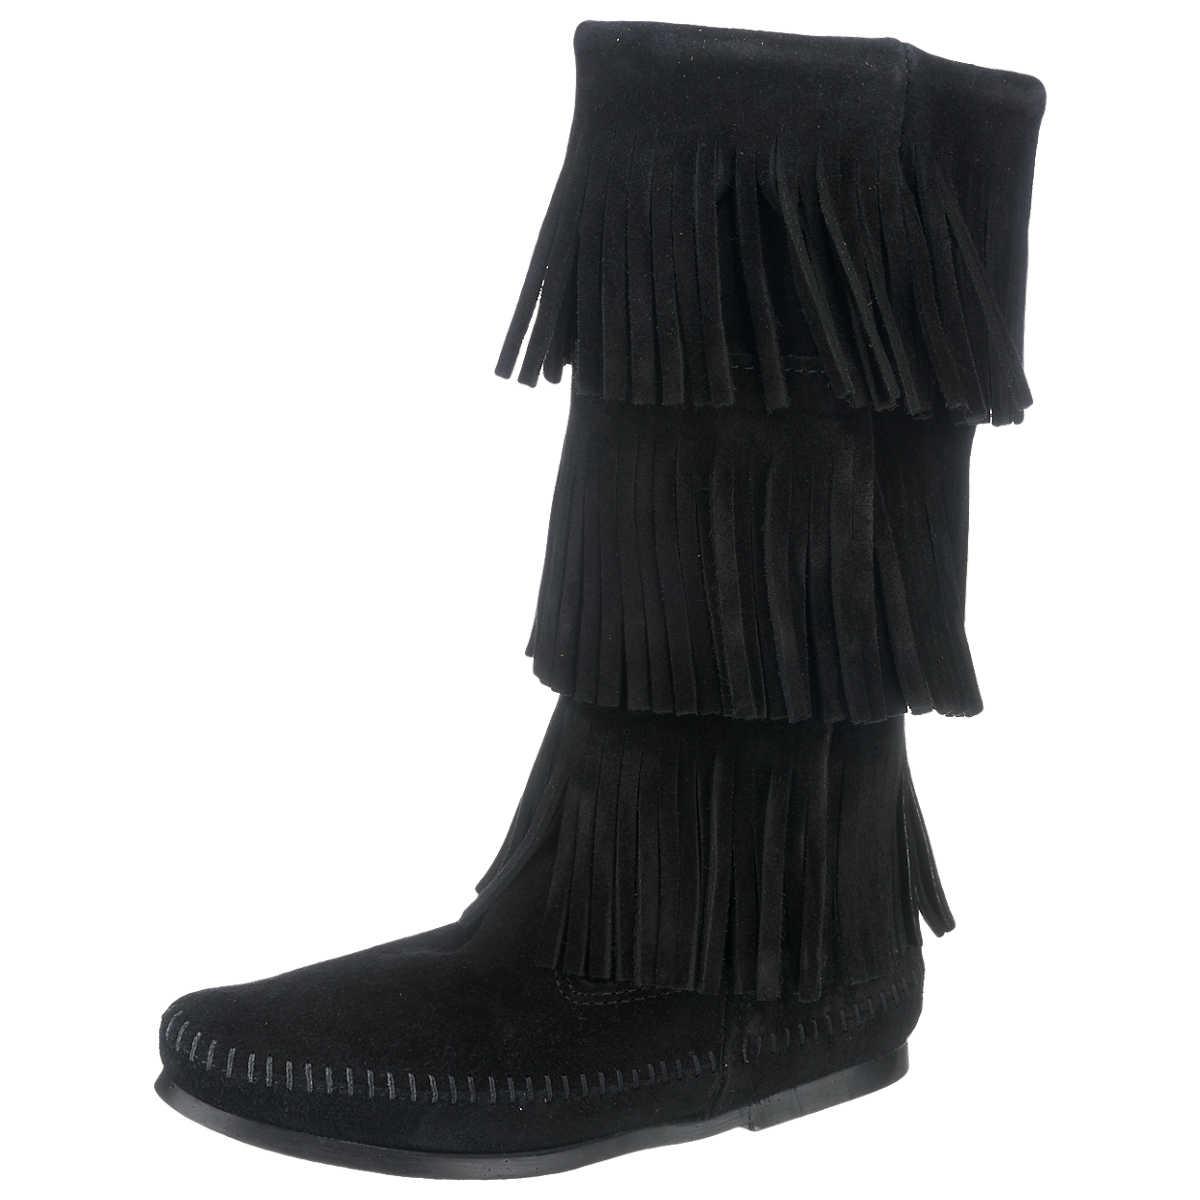 Minnetonka Stiefel schwarz - Minnetonka - Stiefel - Schuhe - mirapodo.de